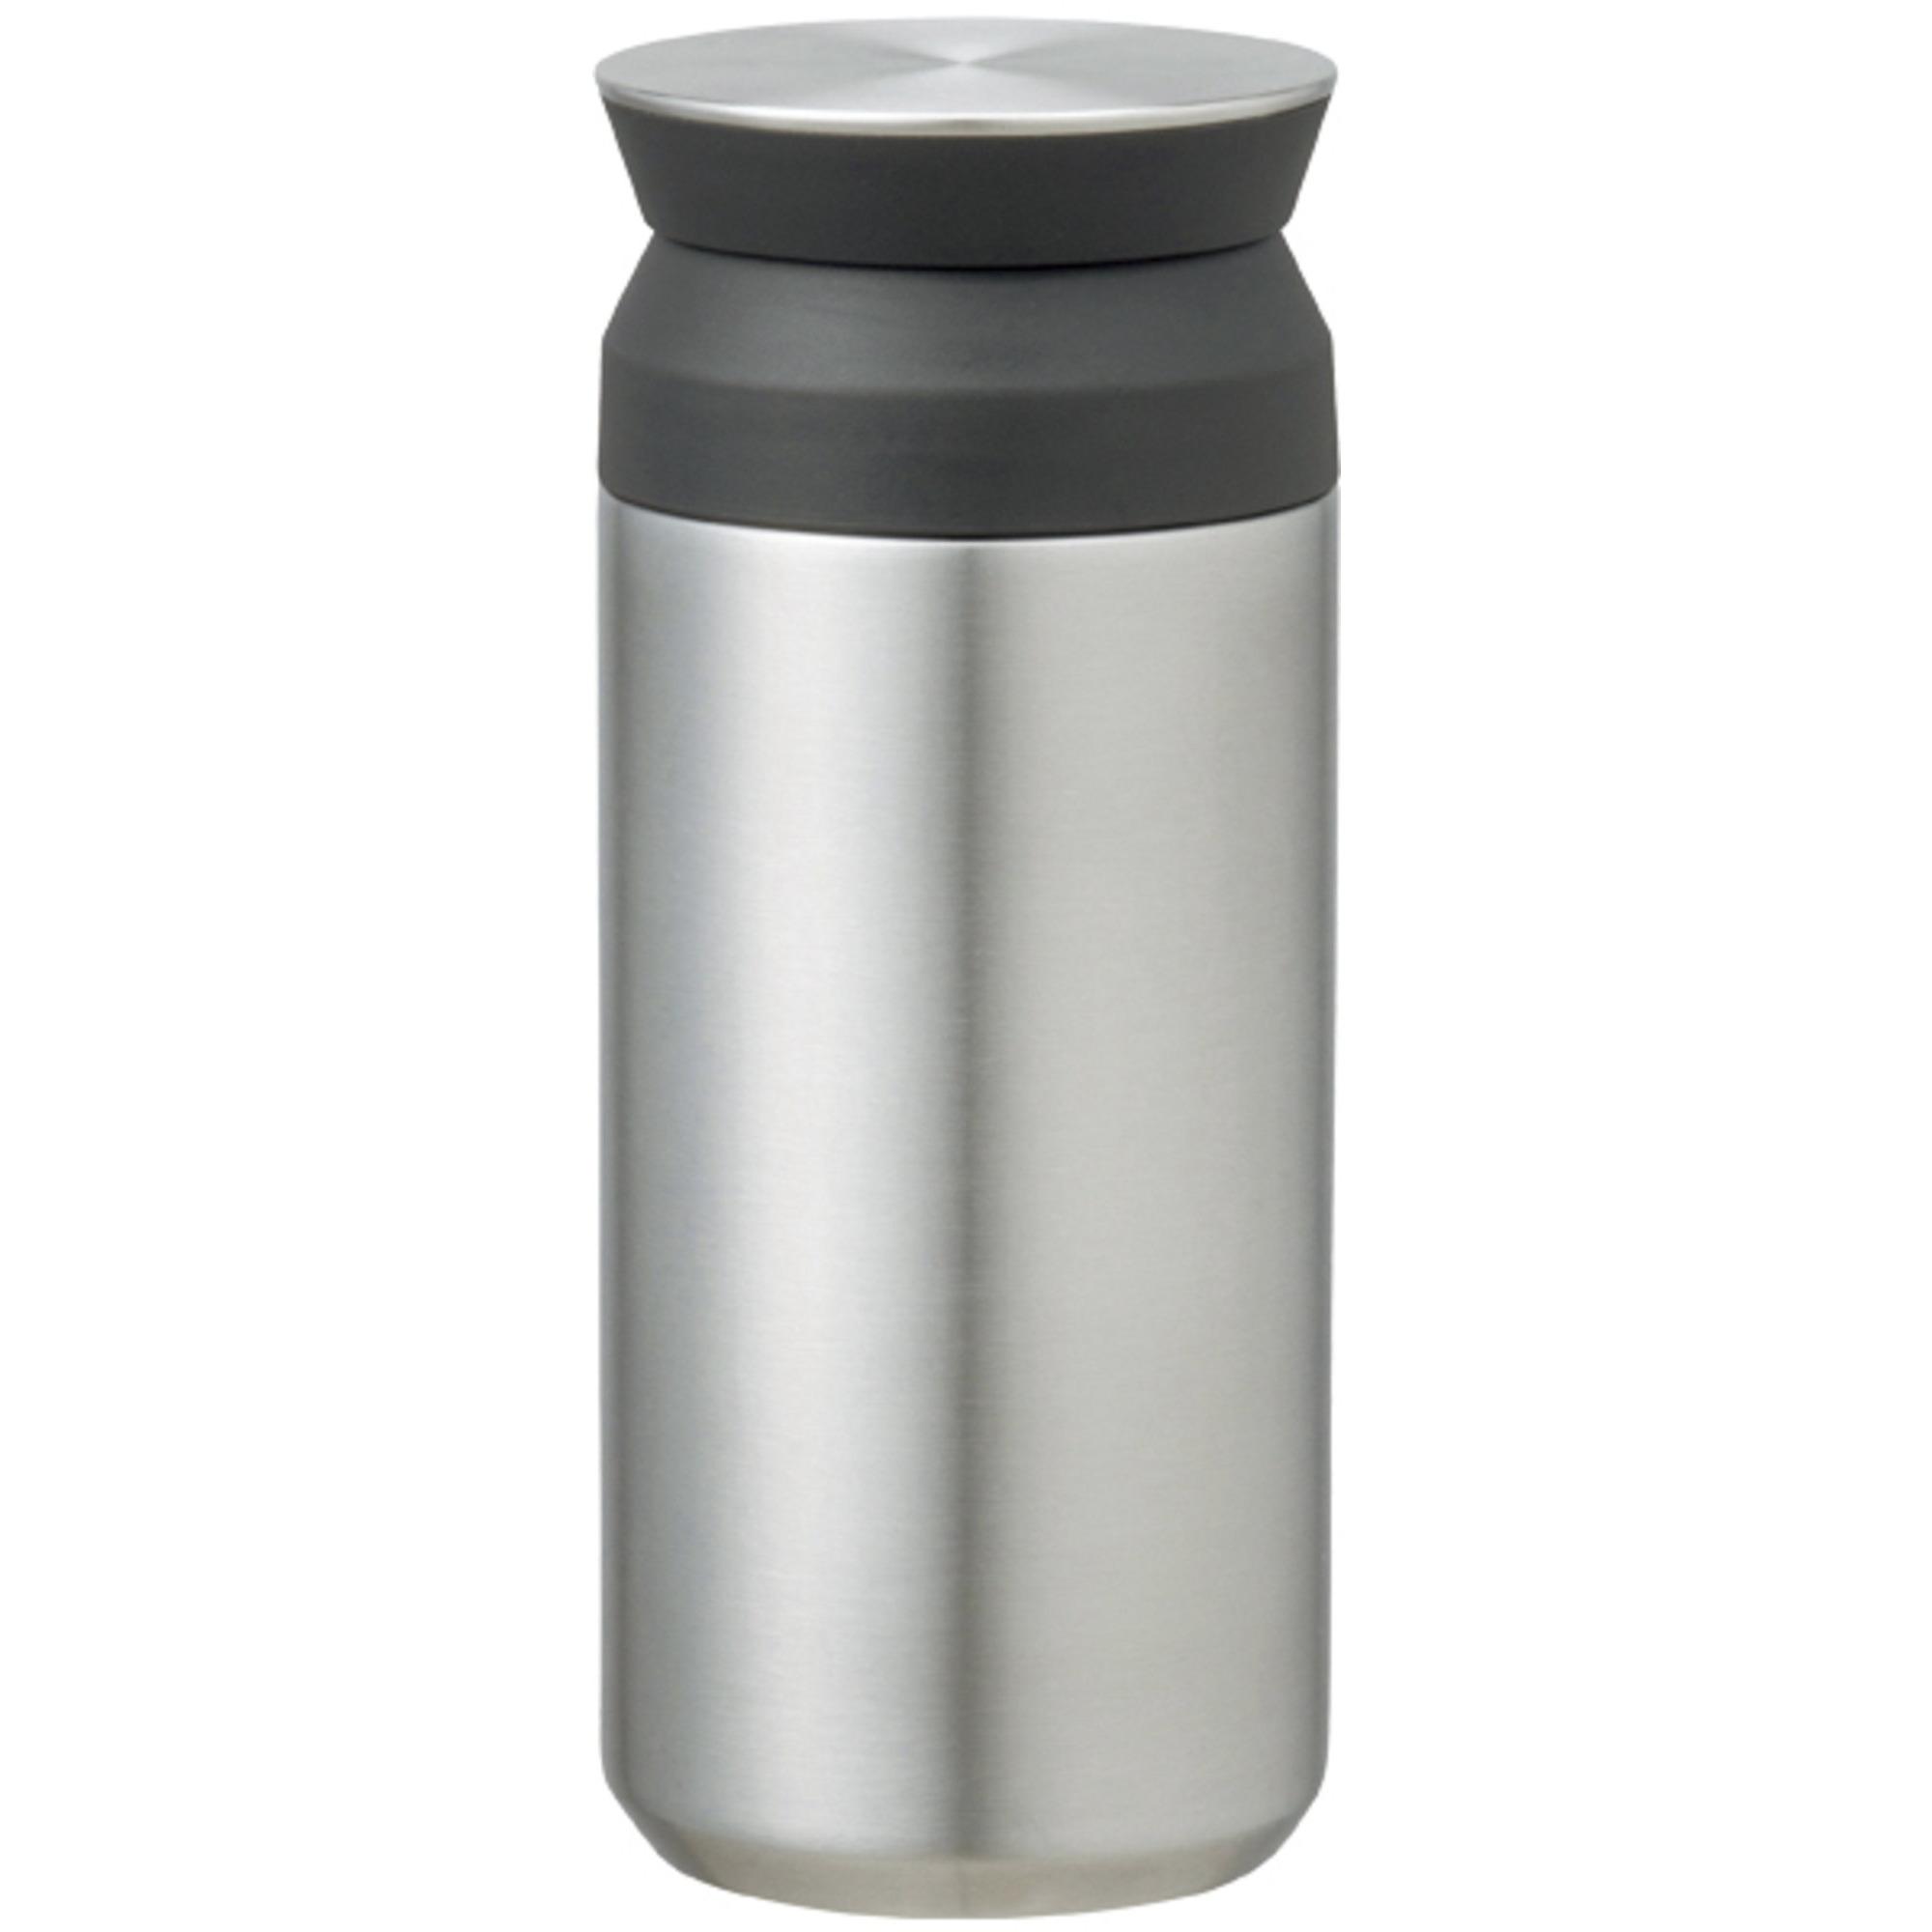 Kinto Termomugg 350 ml